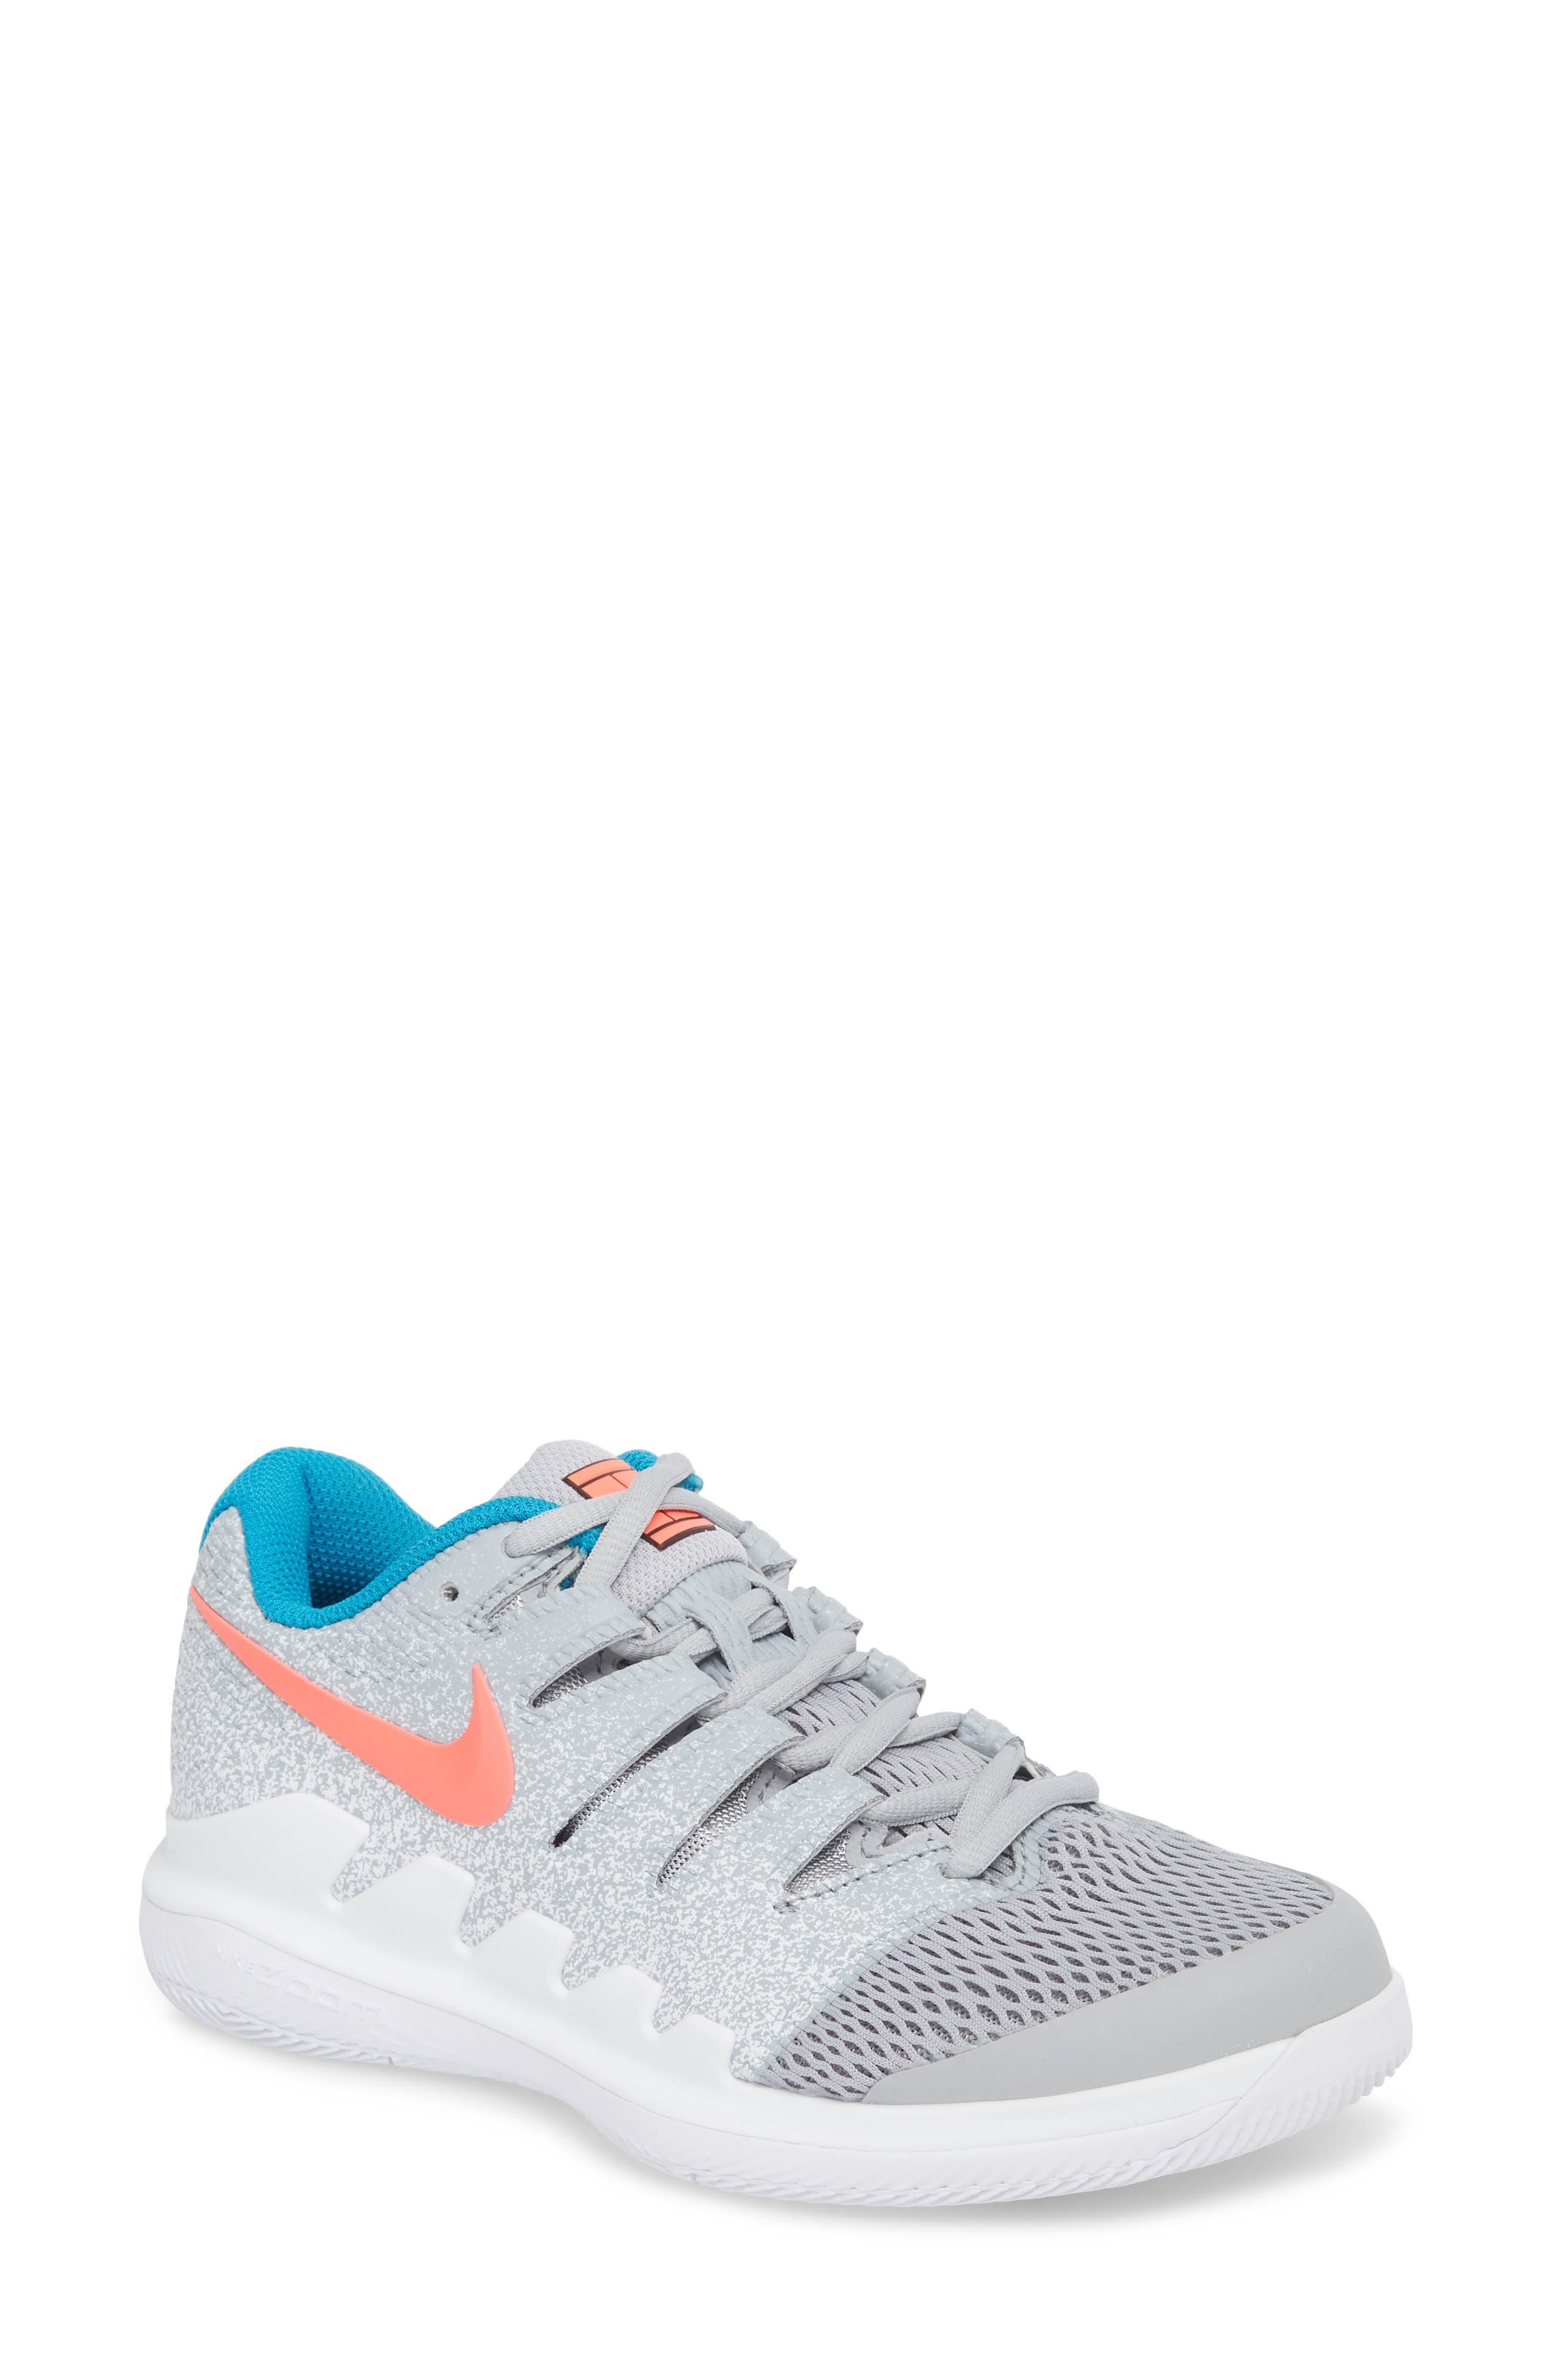 Air Zoom Vapor X Tennis Shoe,                         Main,                         color,